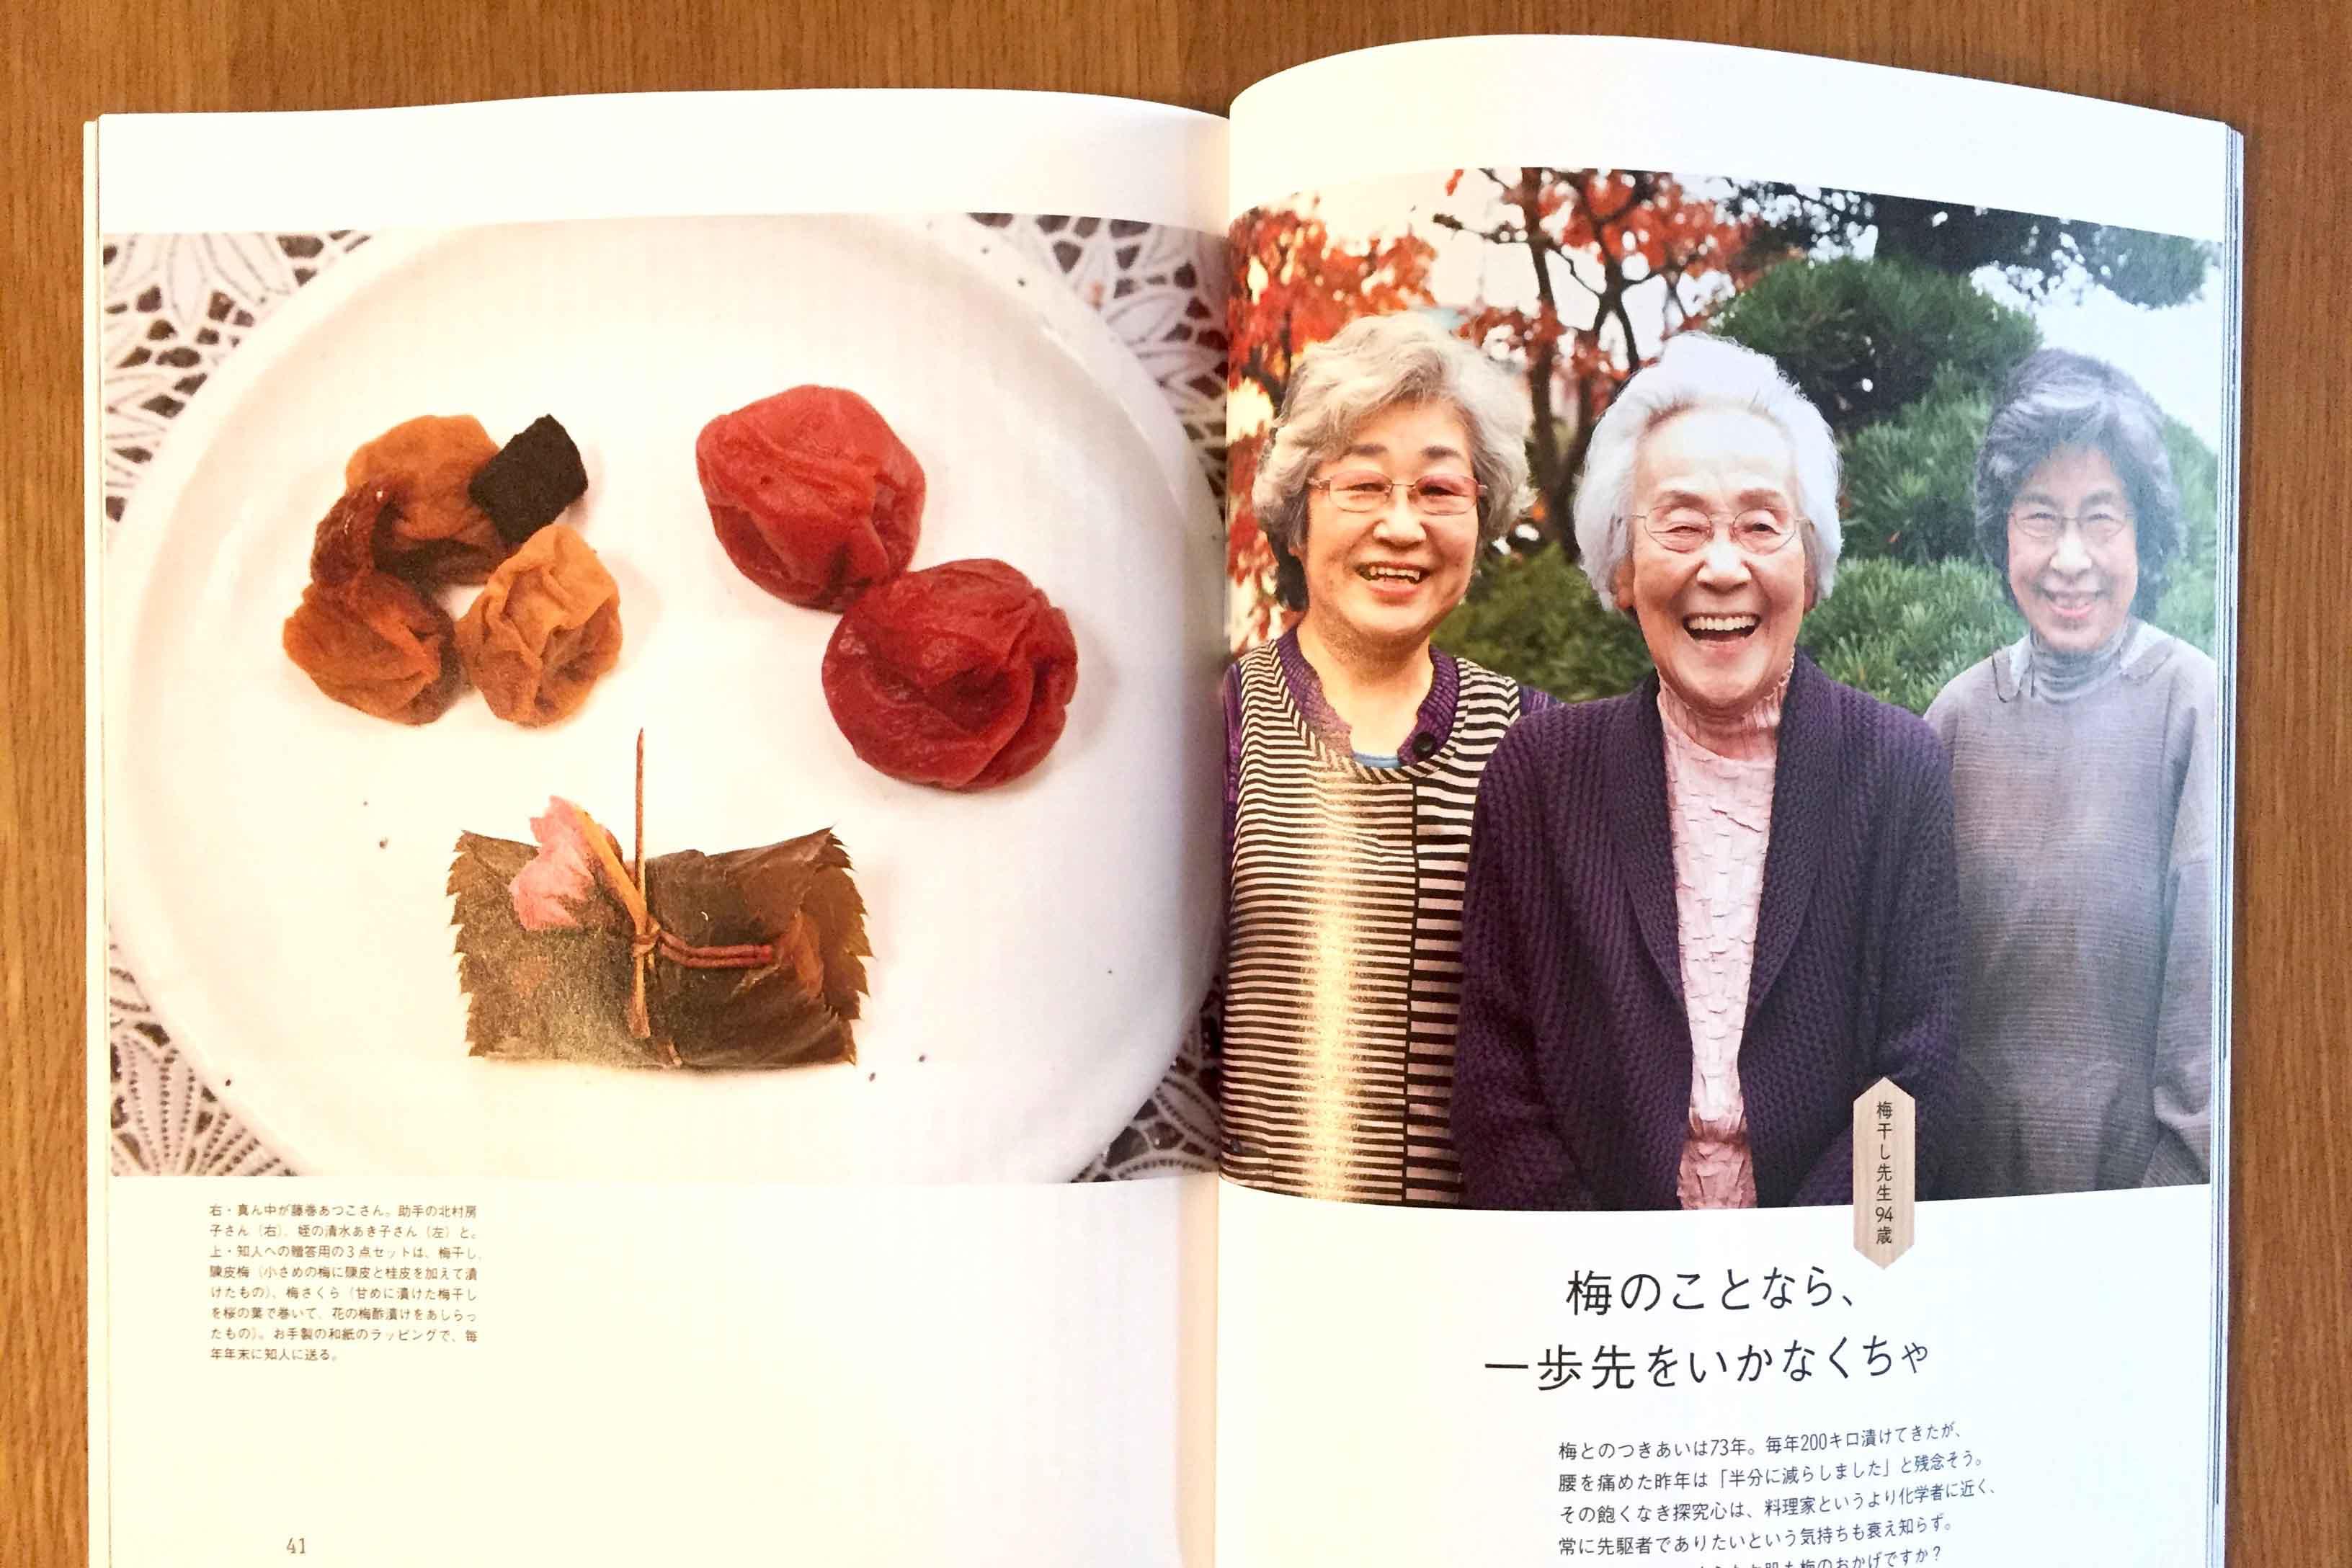 雜誌訪問了多位先生已過世的高齡女性,娓娓道來一個人如何重新找回自我的平穩生活。